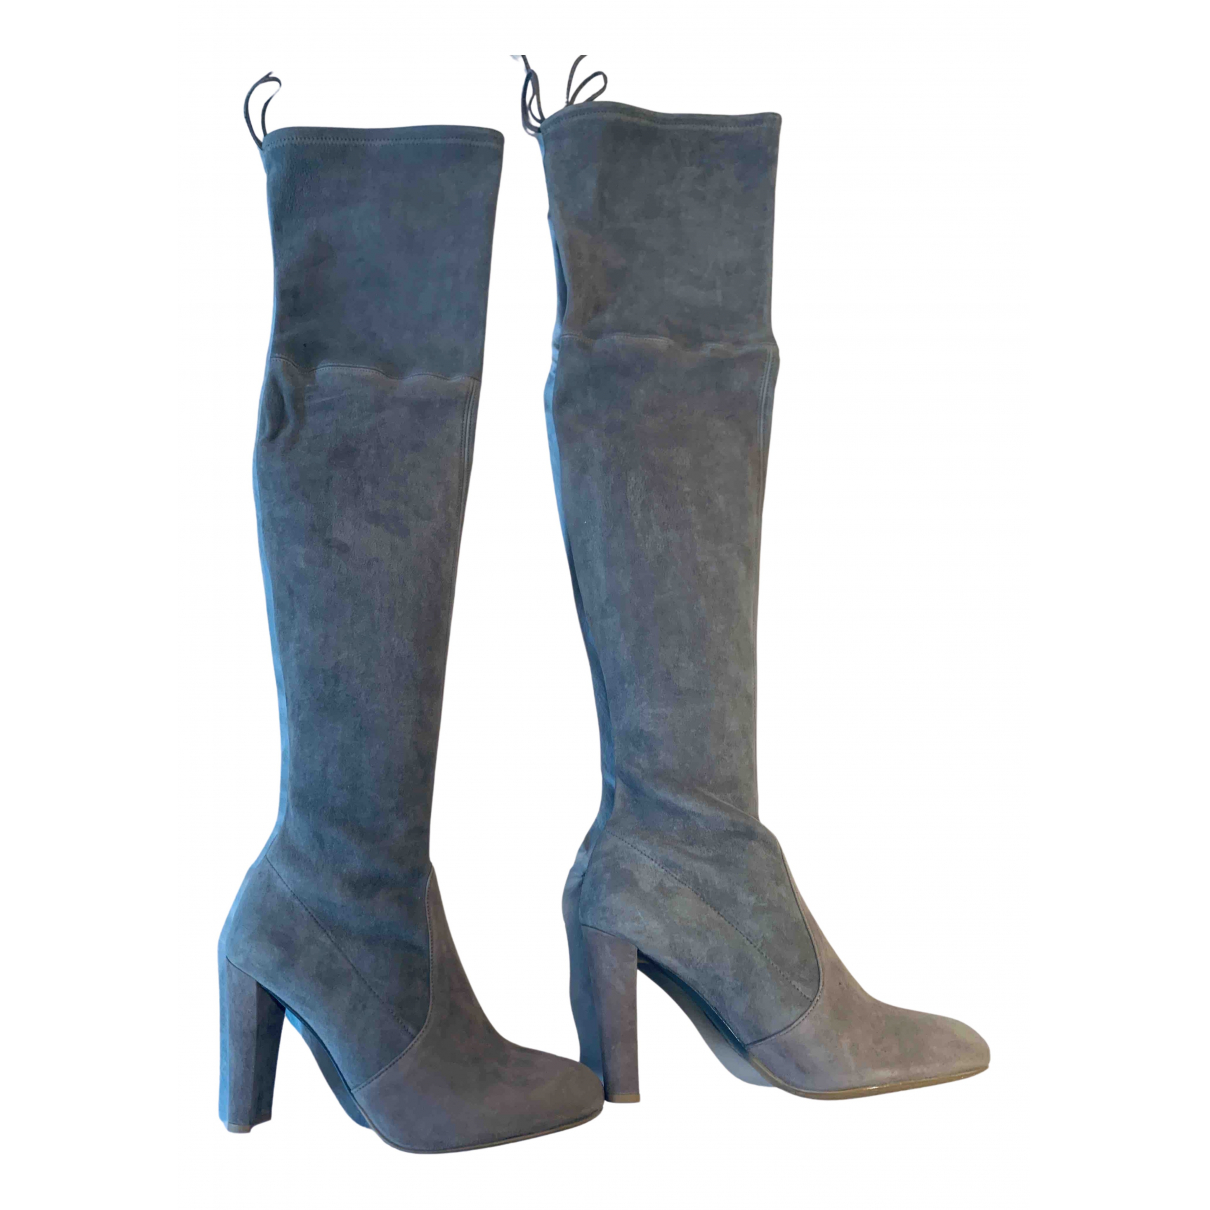 Stuart Weitzman N Grey Suede Boots for Women 8.5 UK